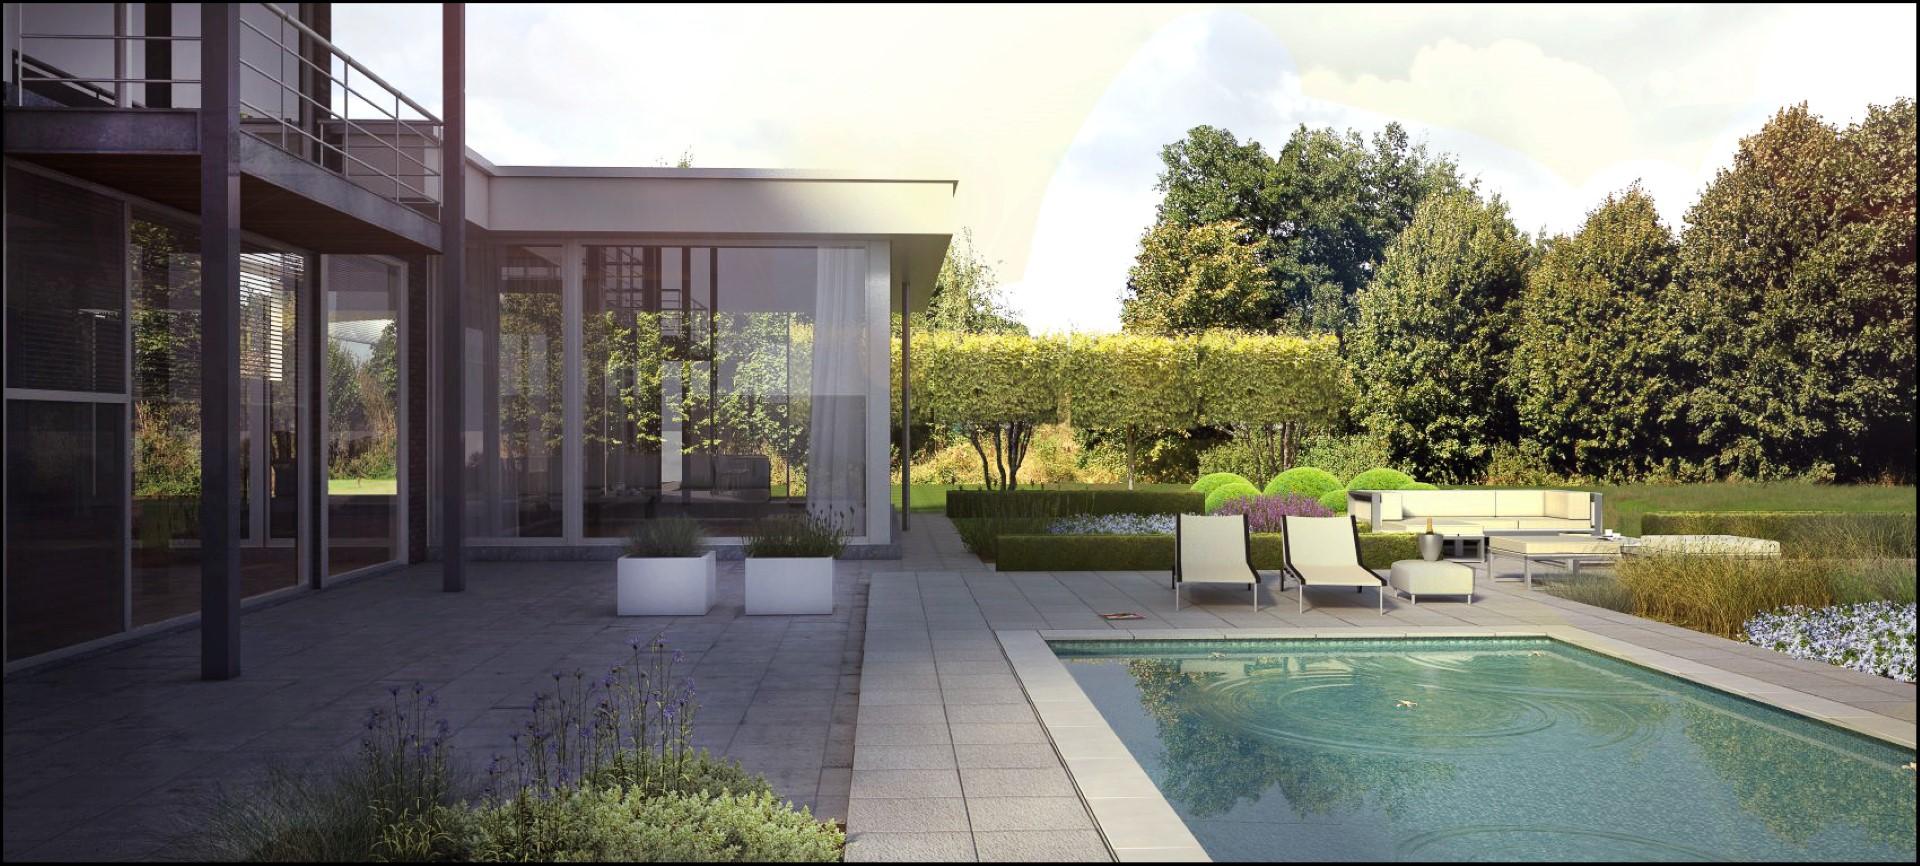 Eco tuinarchitectengroep 3d projecten tuinontwerp for Tuin 3d ontwerpen